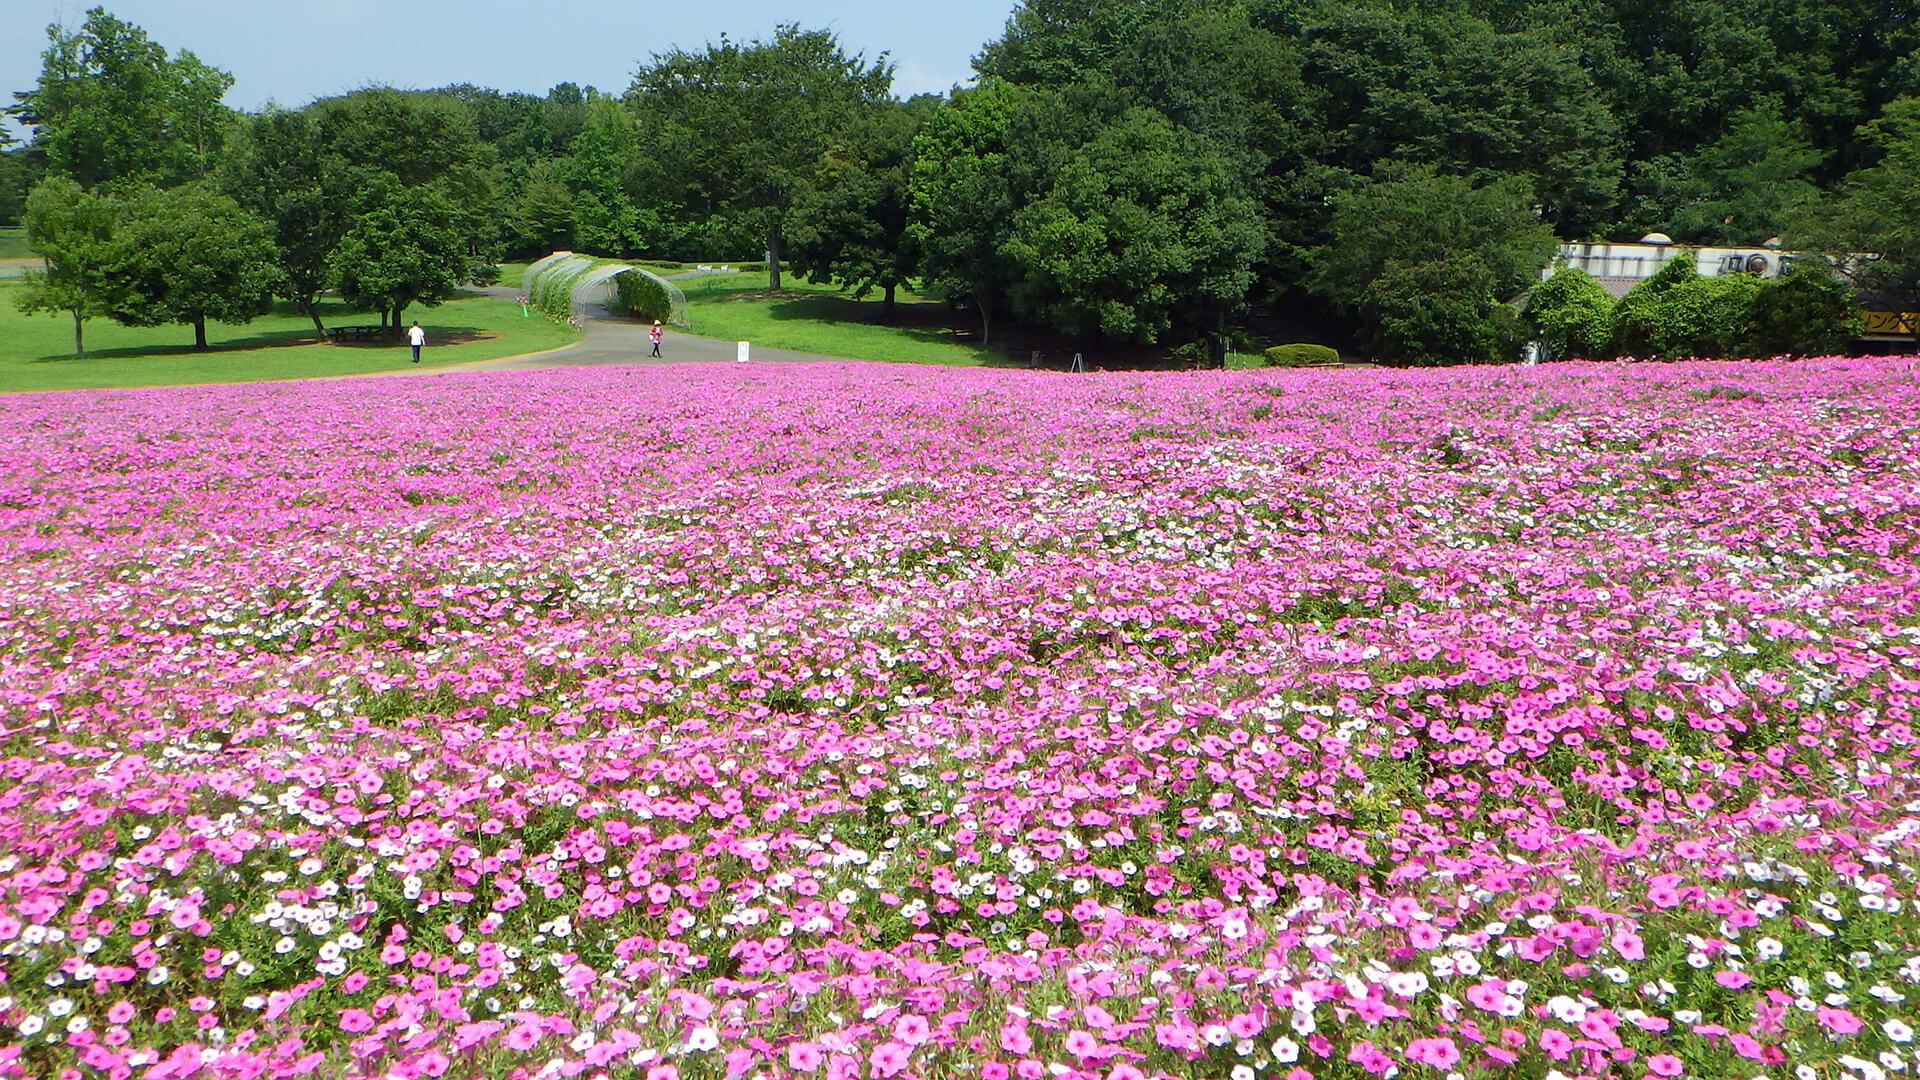 この写真は国営武蔵丘陵森林公園がピンク色のペチュニアで満開になっている状態。花の絨毯のよう